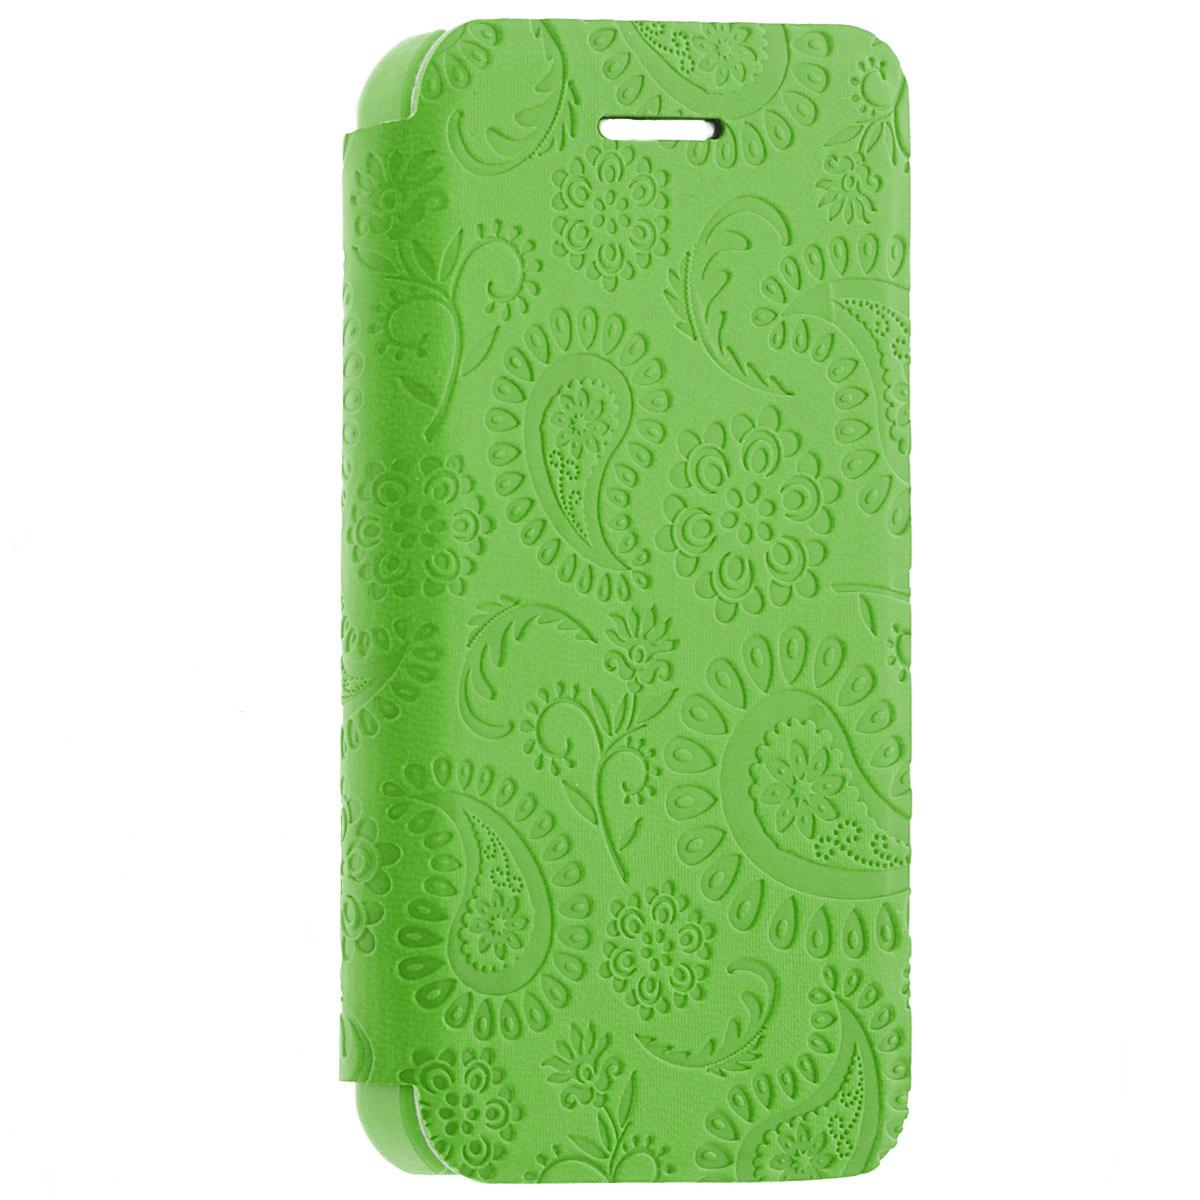 Gissar Paisley чехол для Apple iPhone 5c, Green51242Чехол Gissar Paisley для iPhone 5C предназначен для защиты корпуса смартфона от механических повреждений и царапин в процессе эксплуатации. Имеет свободный доступ ко всем разъемам и кнопкам устройства.